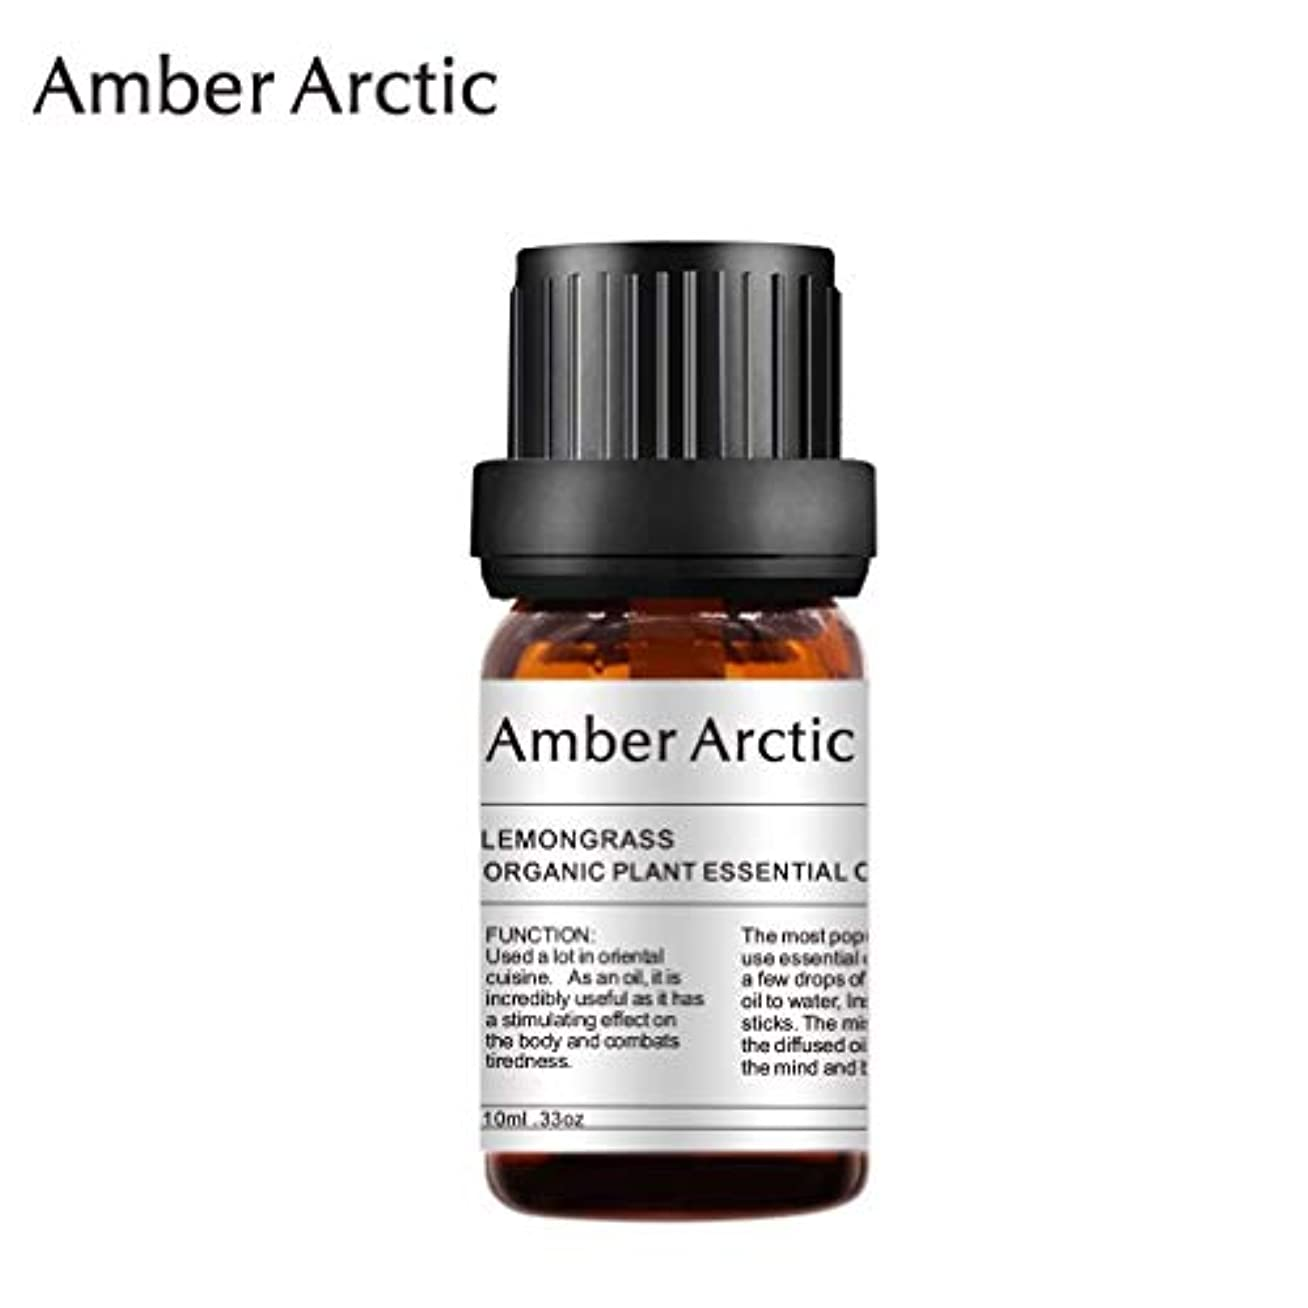 鮮やかなバイオリニストリベラルAmber Arctic レモングラス エッセンシャル オイル、100% ピュア 天然 アロマセラピー ラベンダー オイル スプレッド 用 (10ML) レモングラス